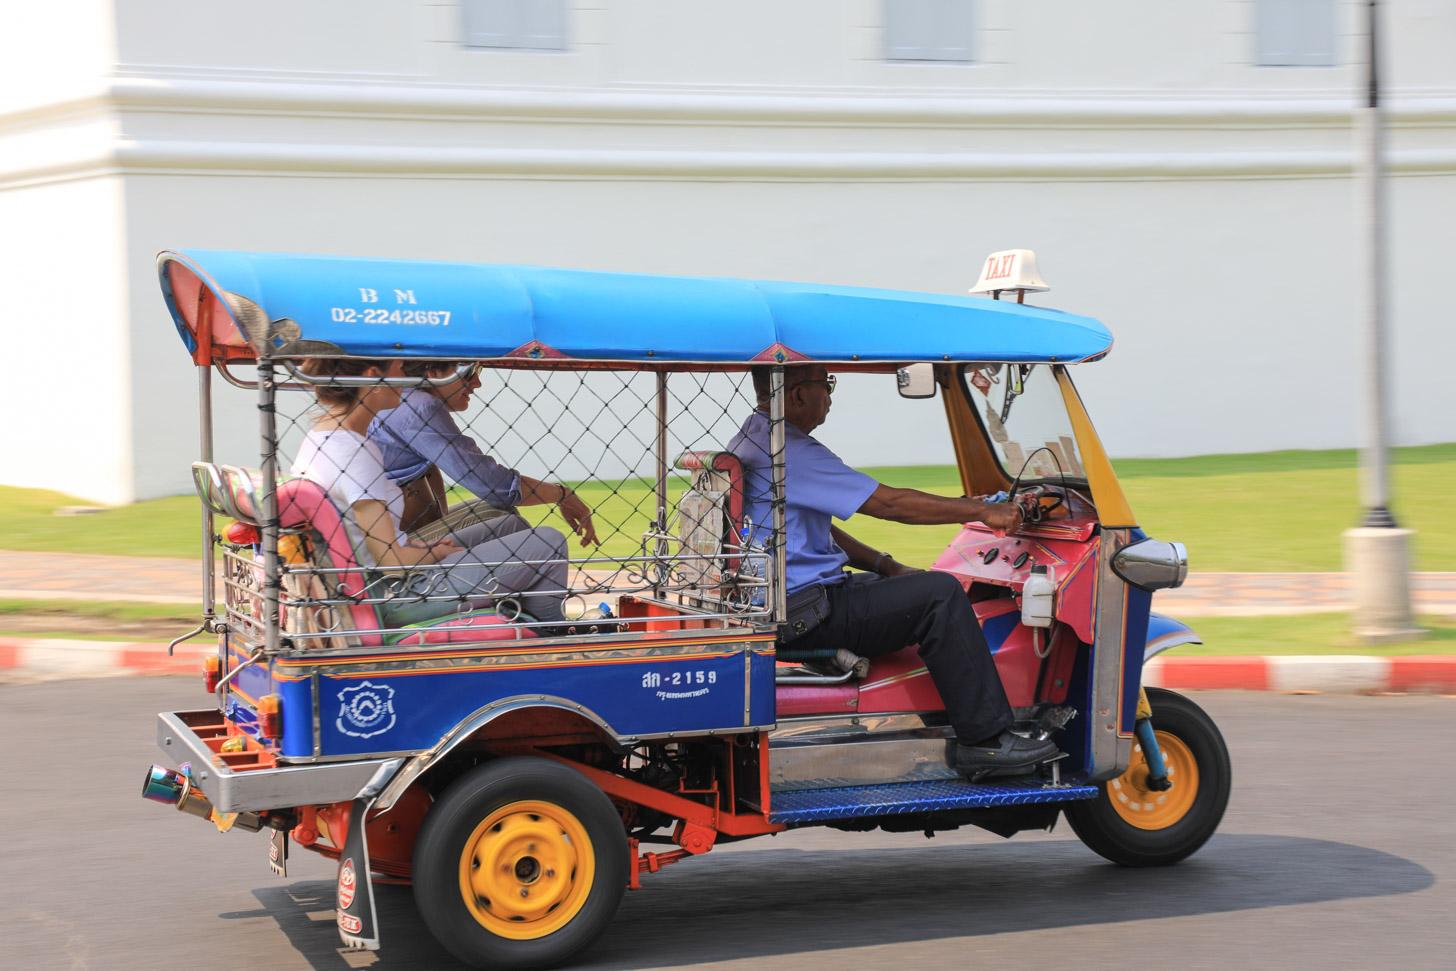 Ritje met een tuktuk